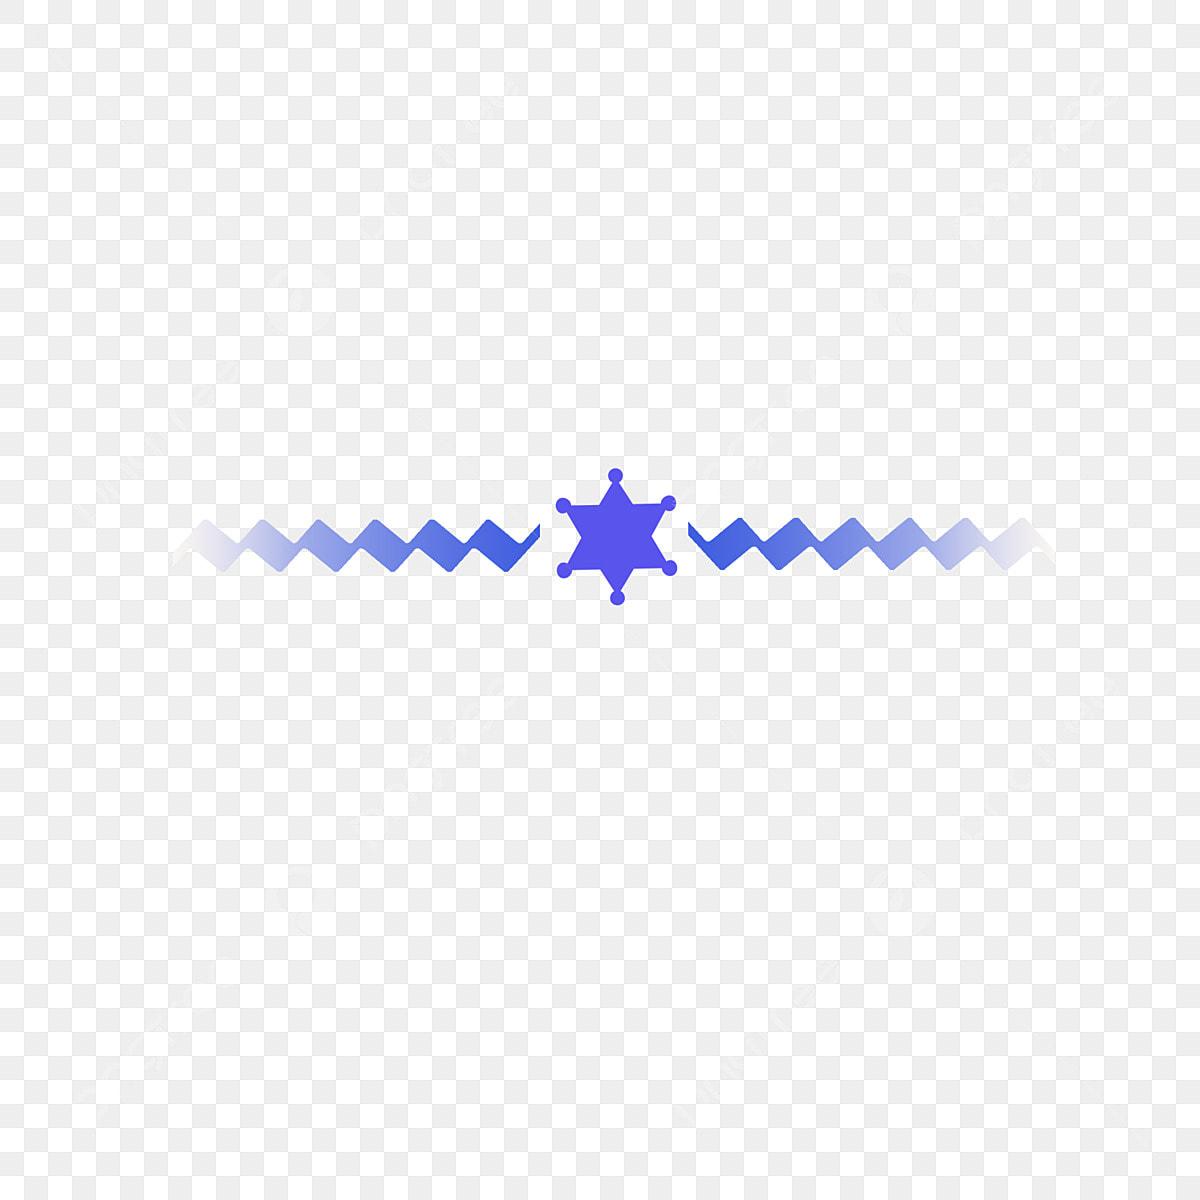 Télécharger La Décoration étoile à Rayures Bleues étoile